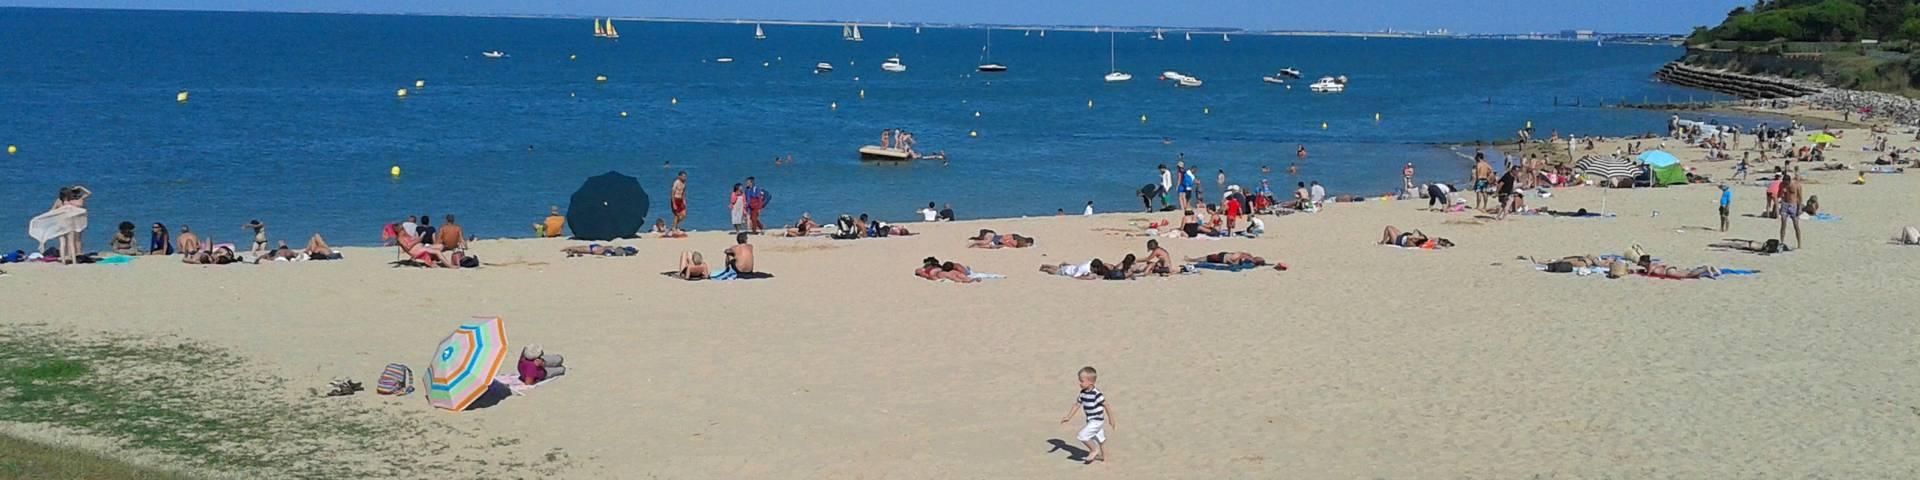 La plage à Saint-Martin-de-Ré